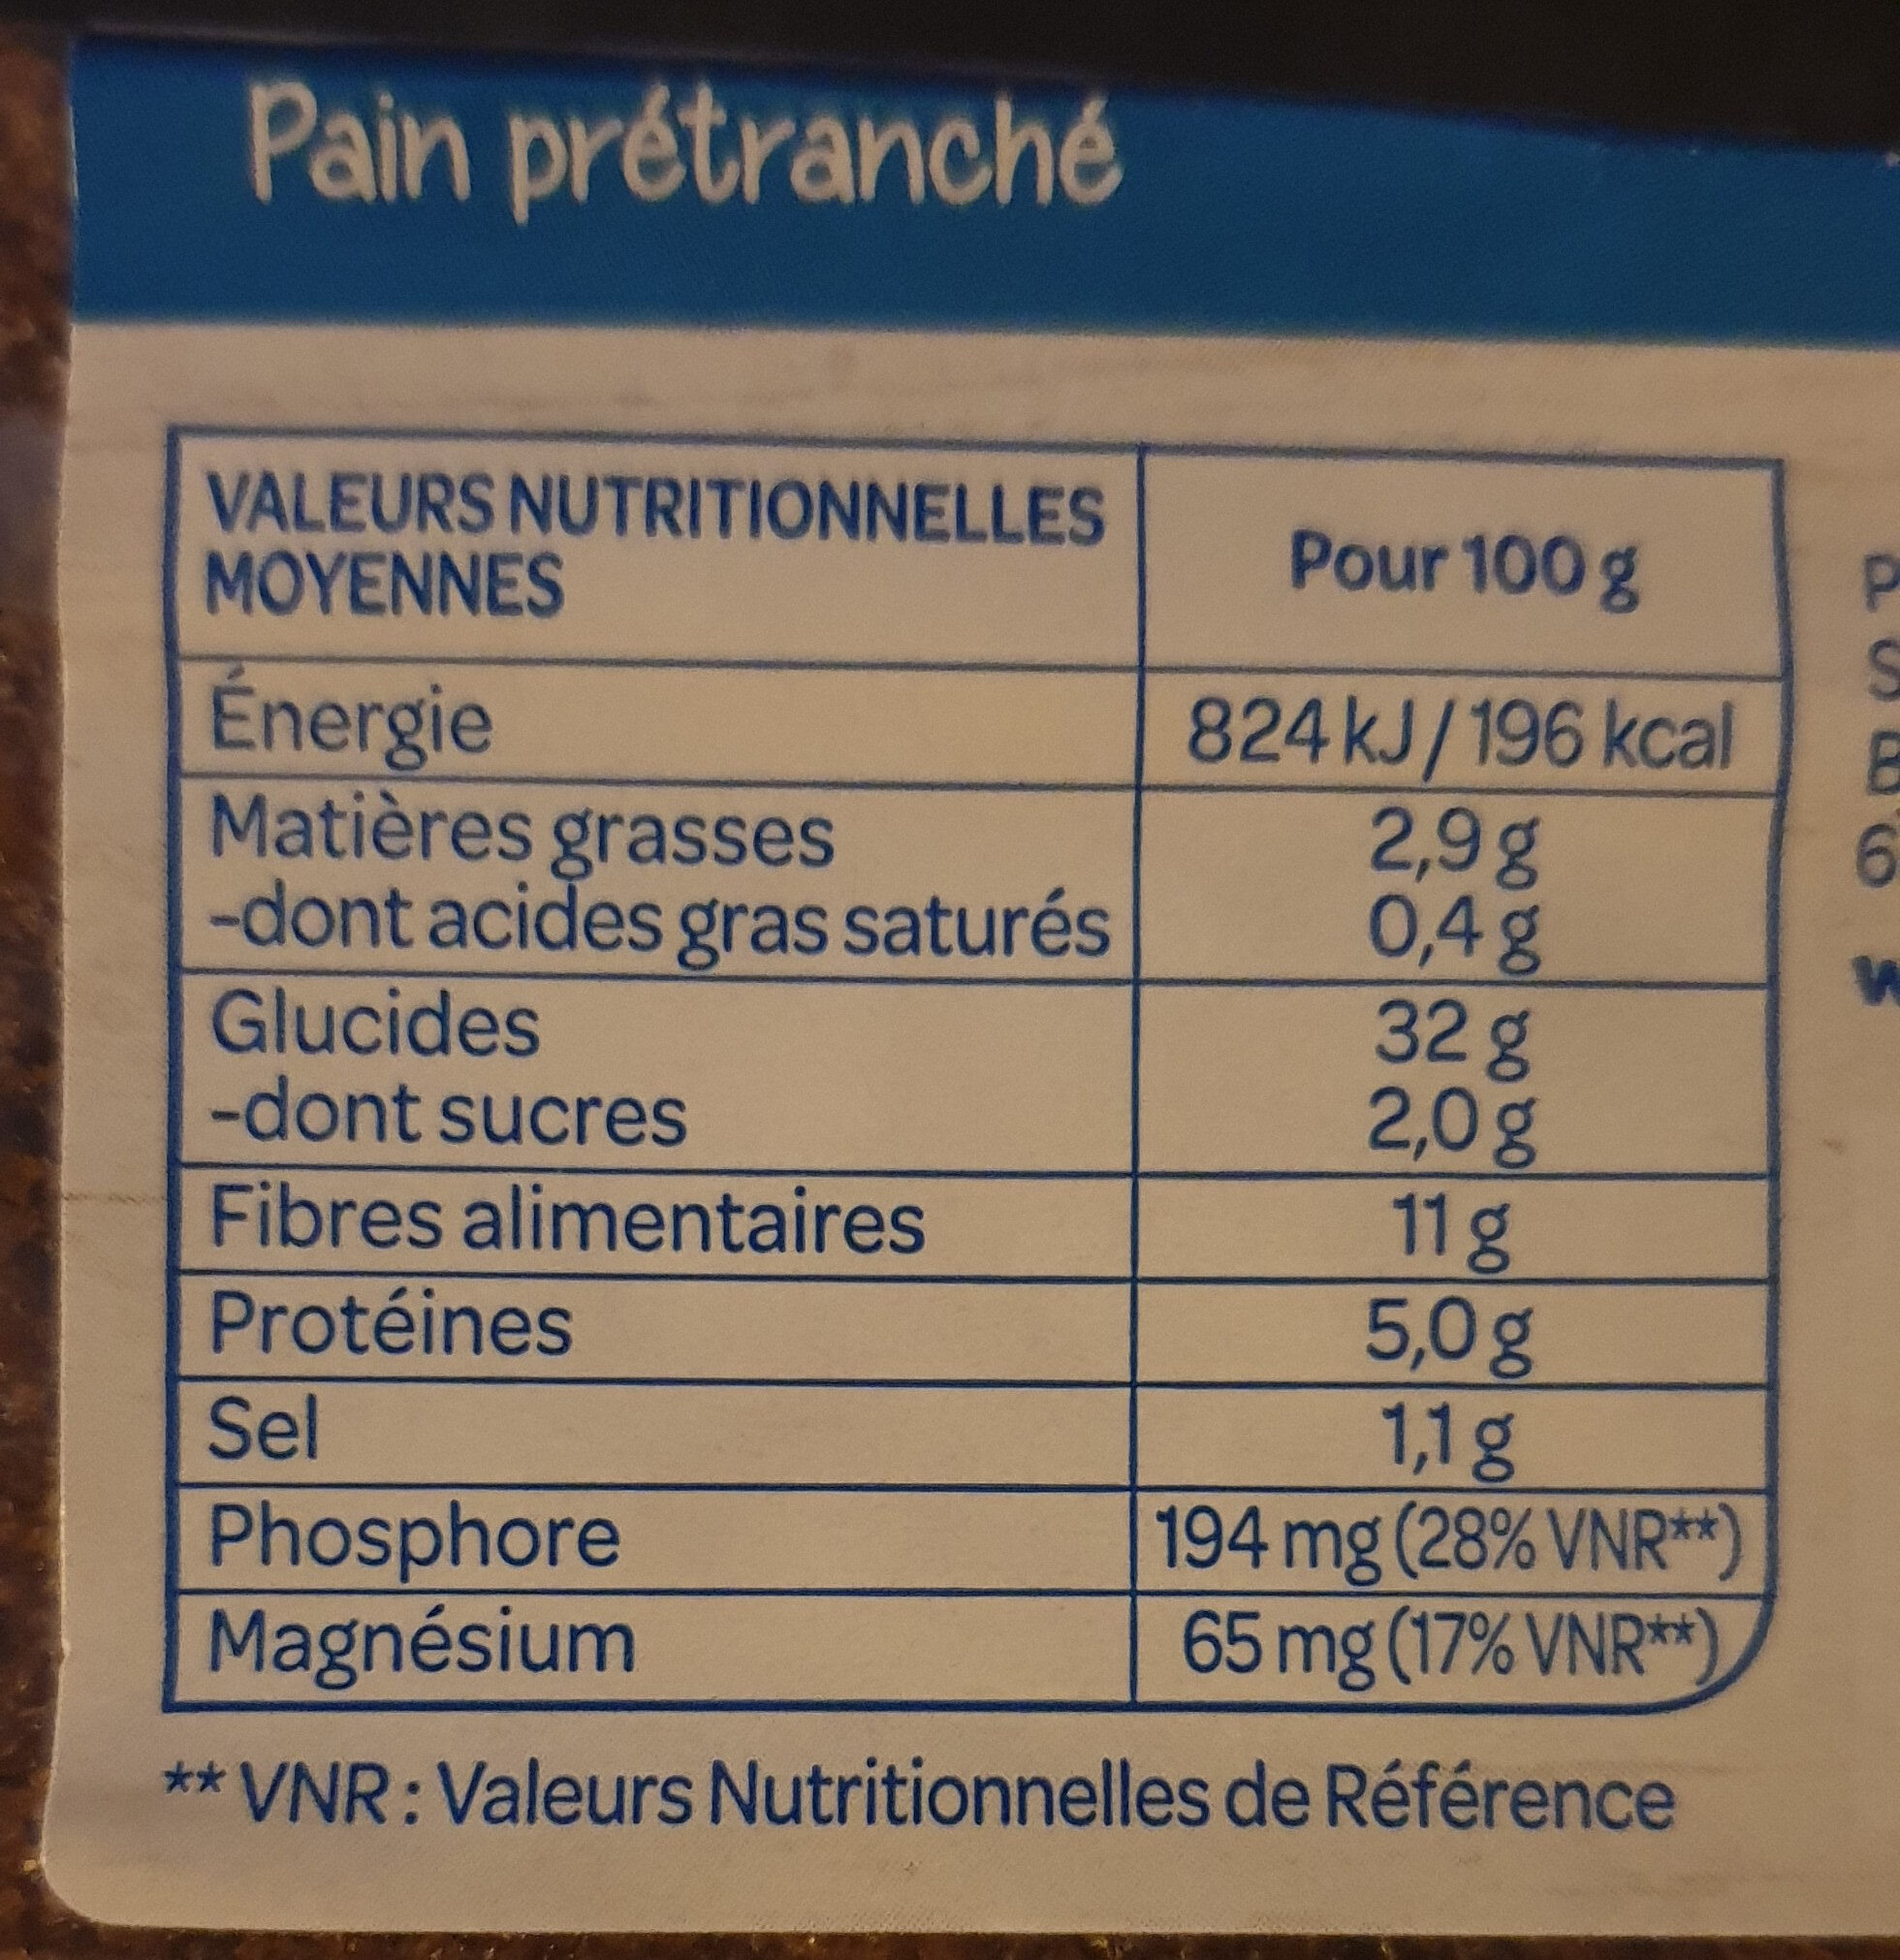 Pain complet 3 céréales - Informations nutritionnelles - fr